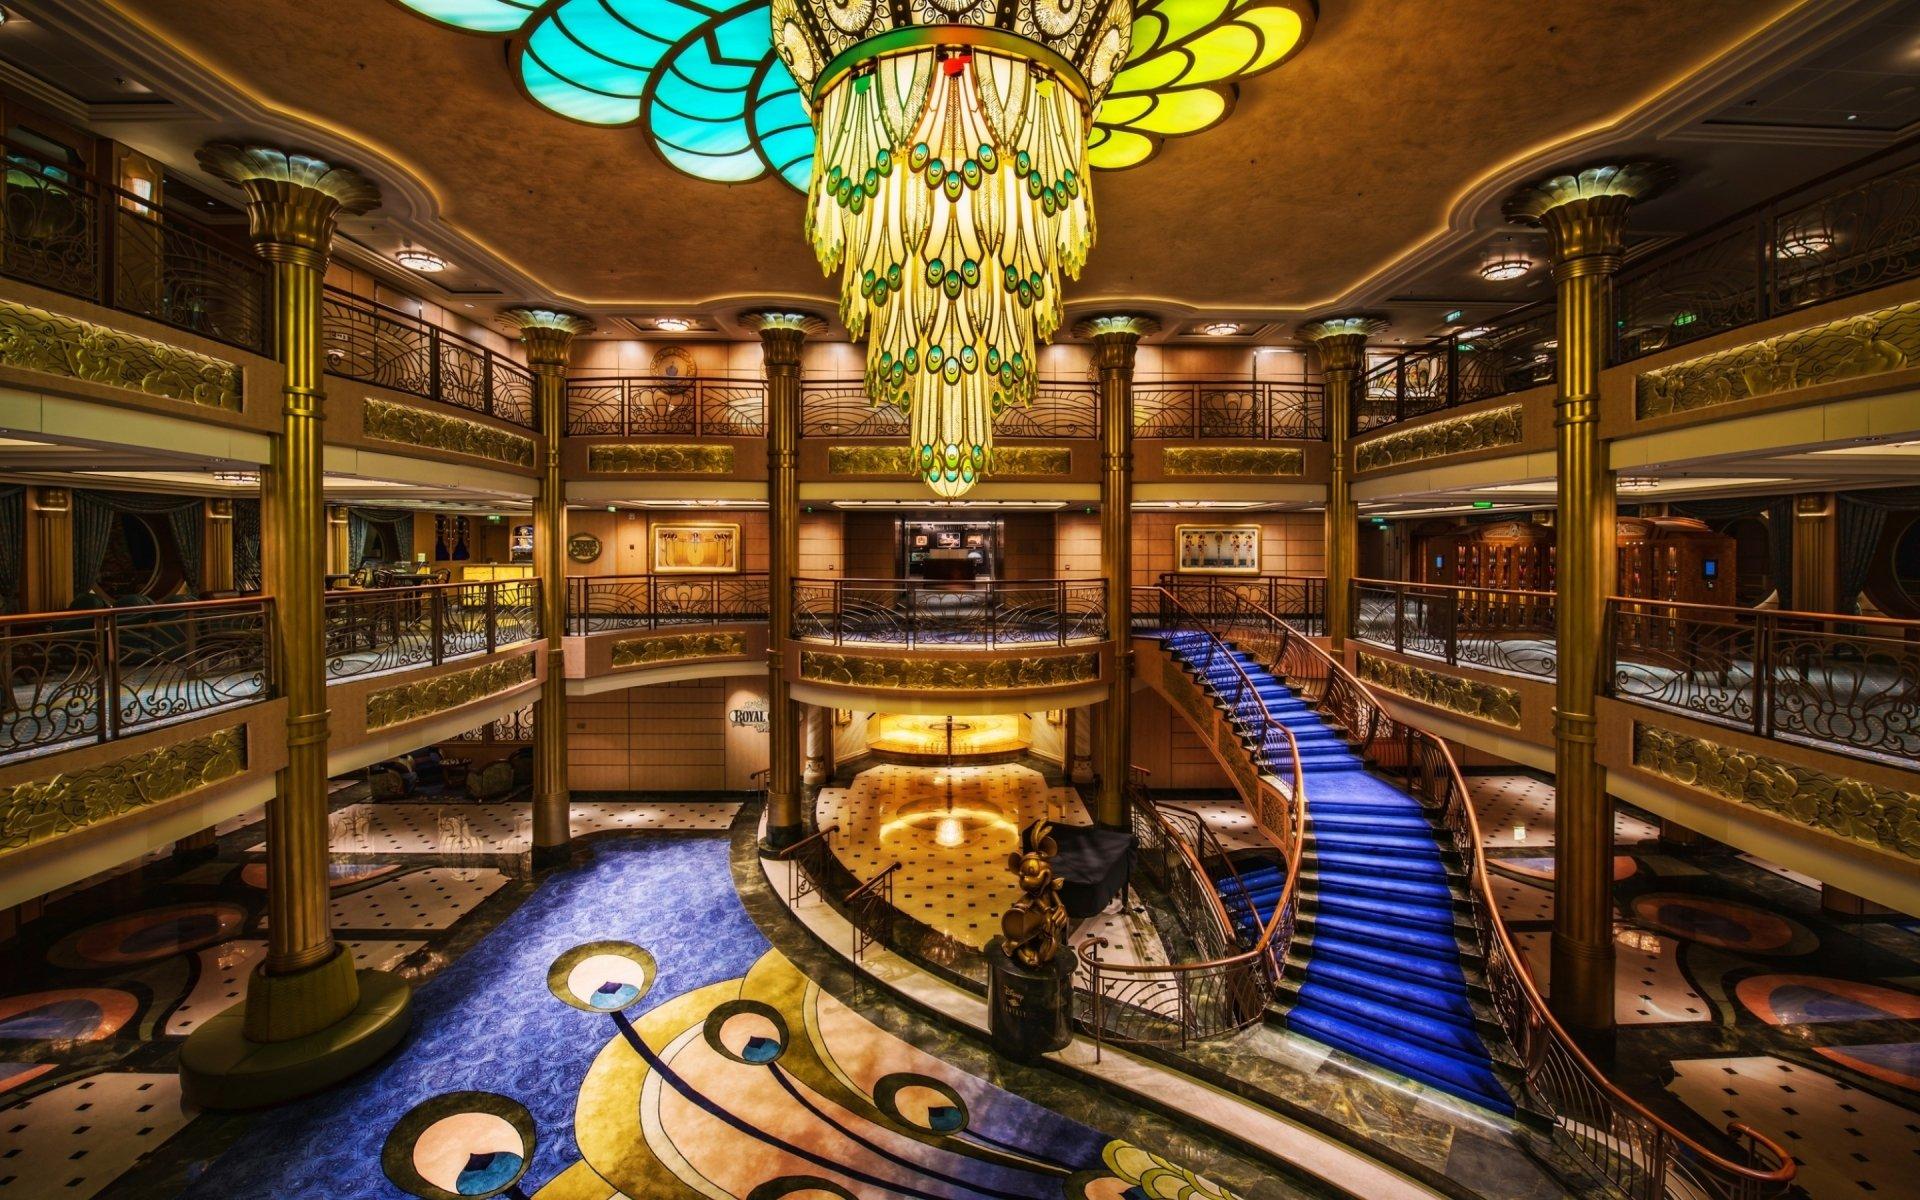 Cruise Ship Interior HD Wallpaper